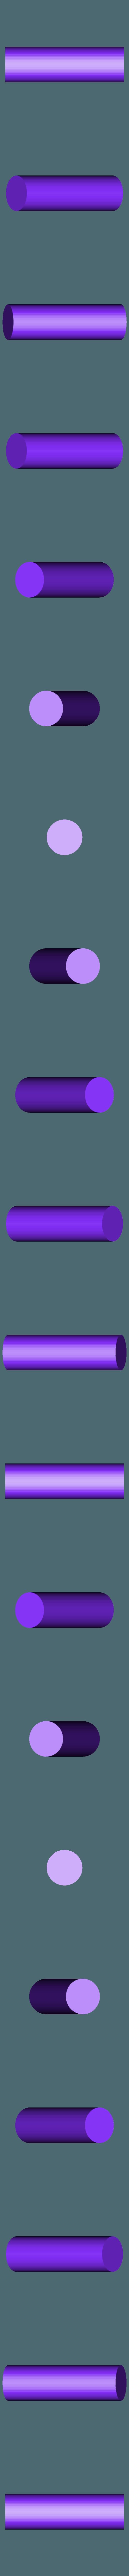 Intake_Hold.stl Télécharger fichier STL gratuit Mario + Lapins Crétins - Plumer's Helper Boomshot • Modèle pour impression 3D, Dsk